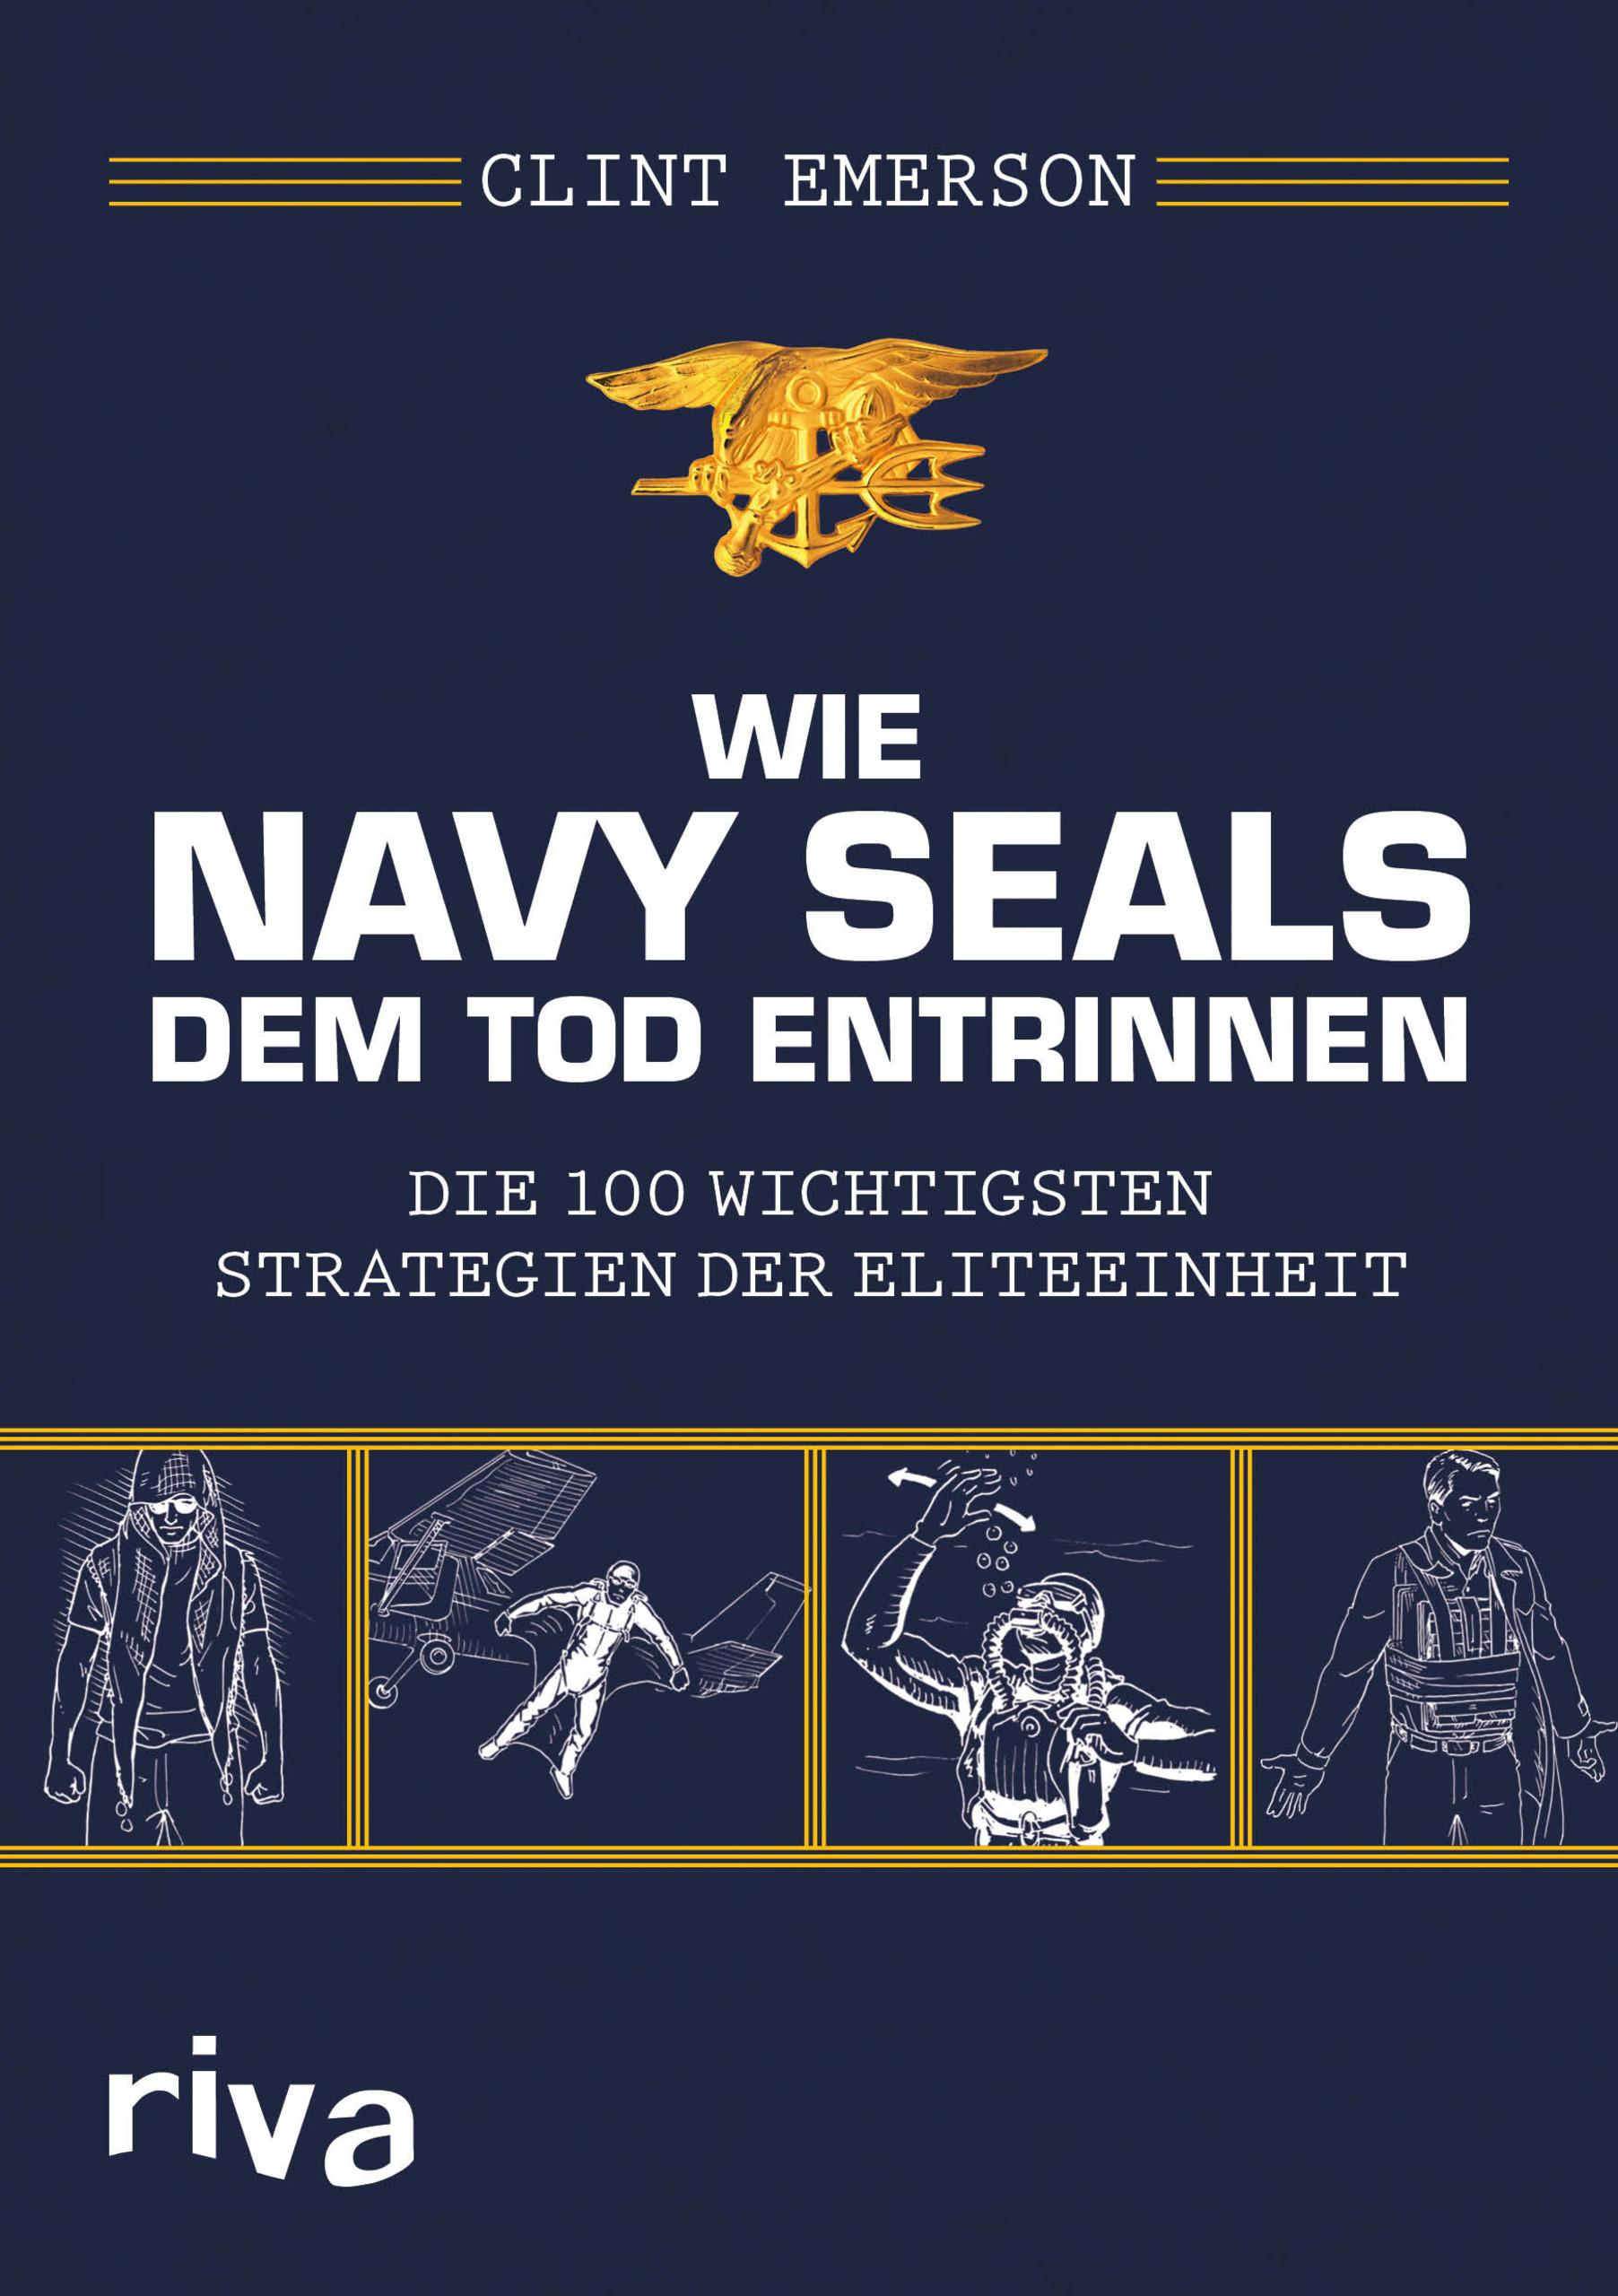 Clint Emerson - Wie Navy Seals dem Tod entrinnen